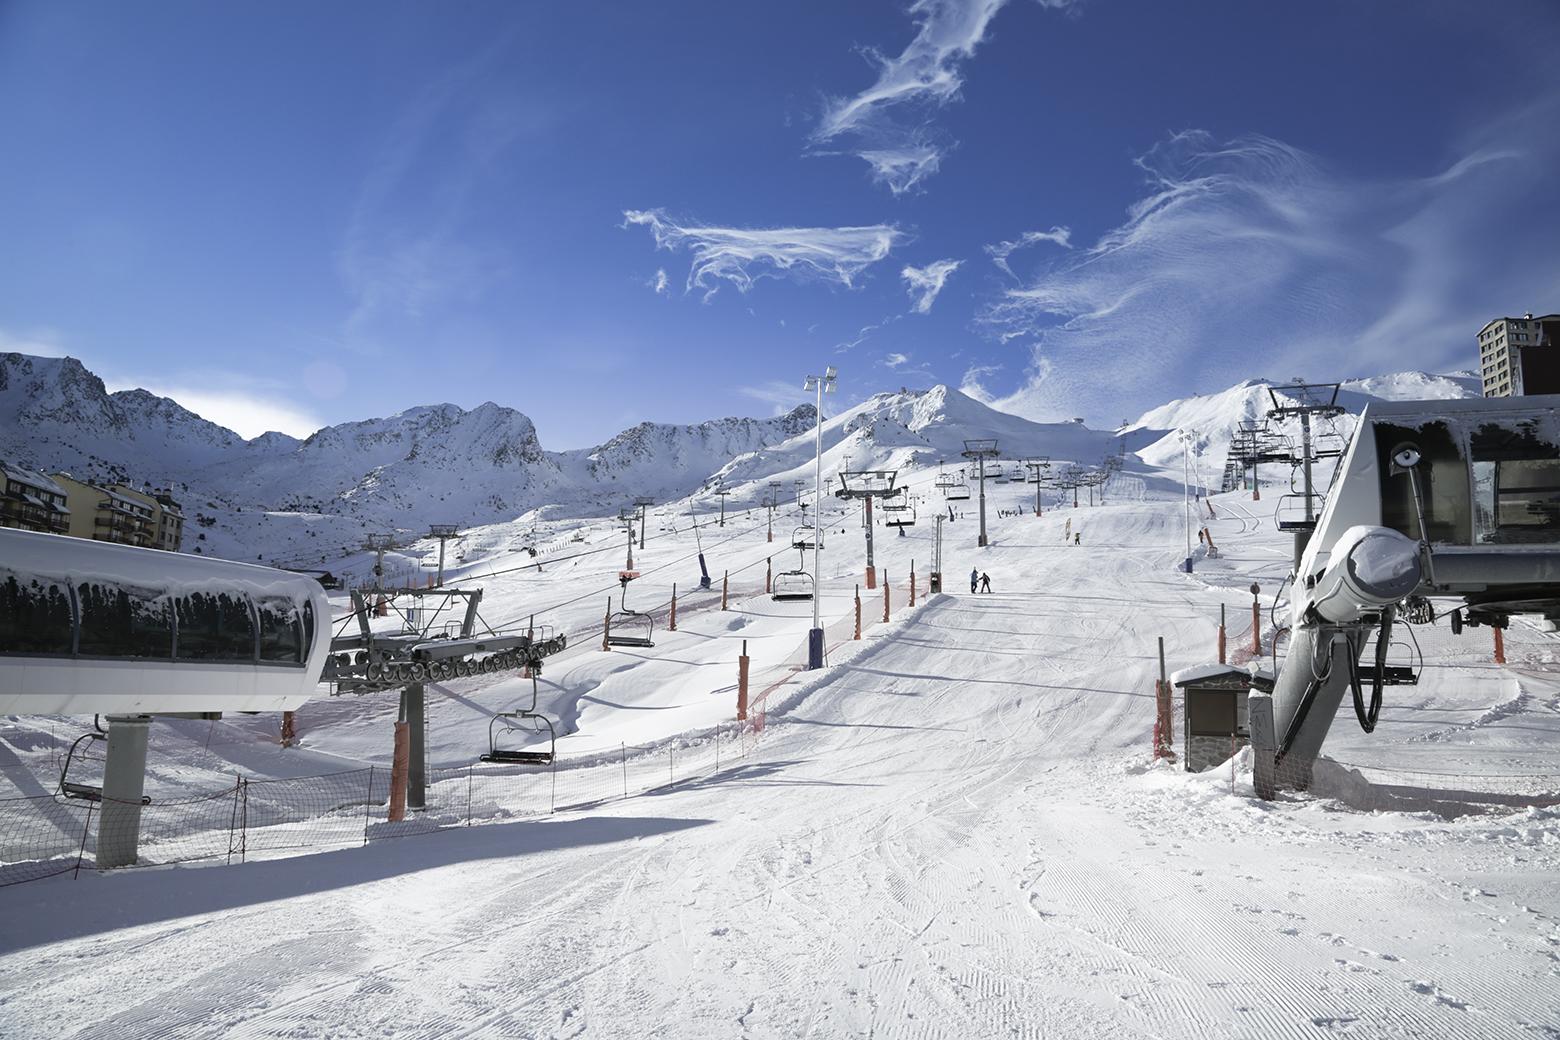 Grandvalira inaugura la temporada este sábado 23 de noviembre con la apertura parcial de los sectores Pas de la Casa y Grau Roig reserve ahora sus vacaciones de invierno en Hotel Roc Meler Canillo en Andorra.